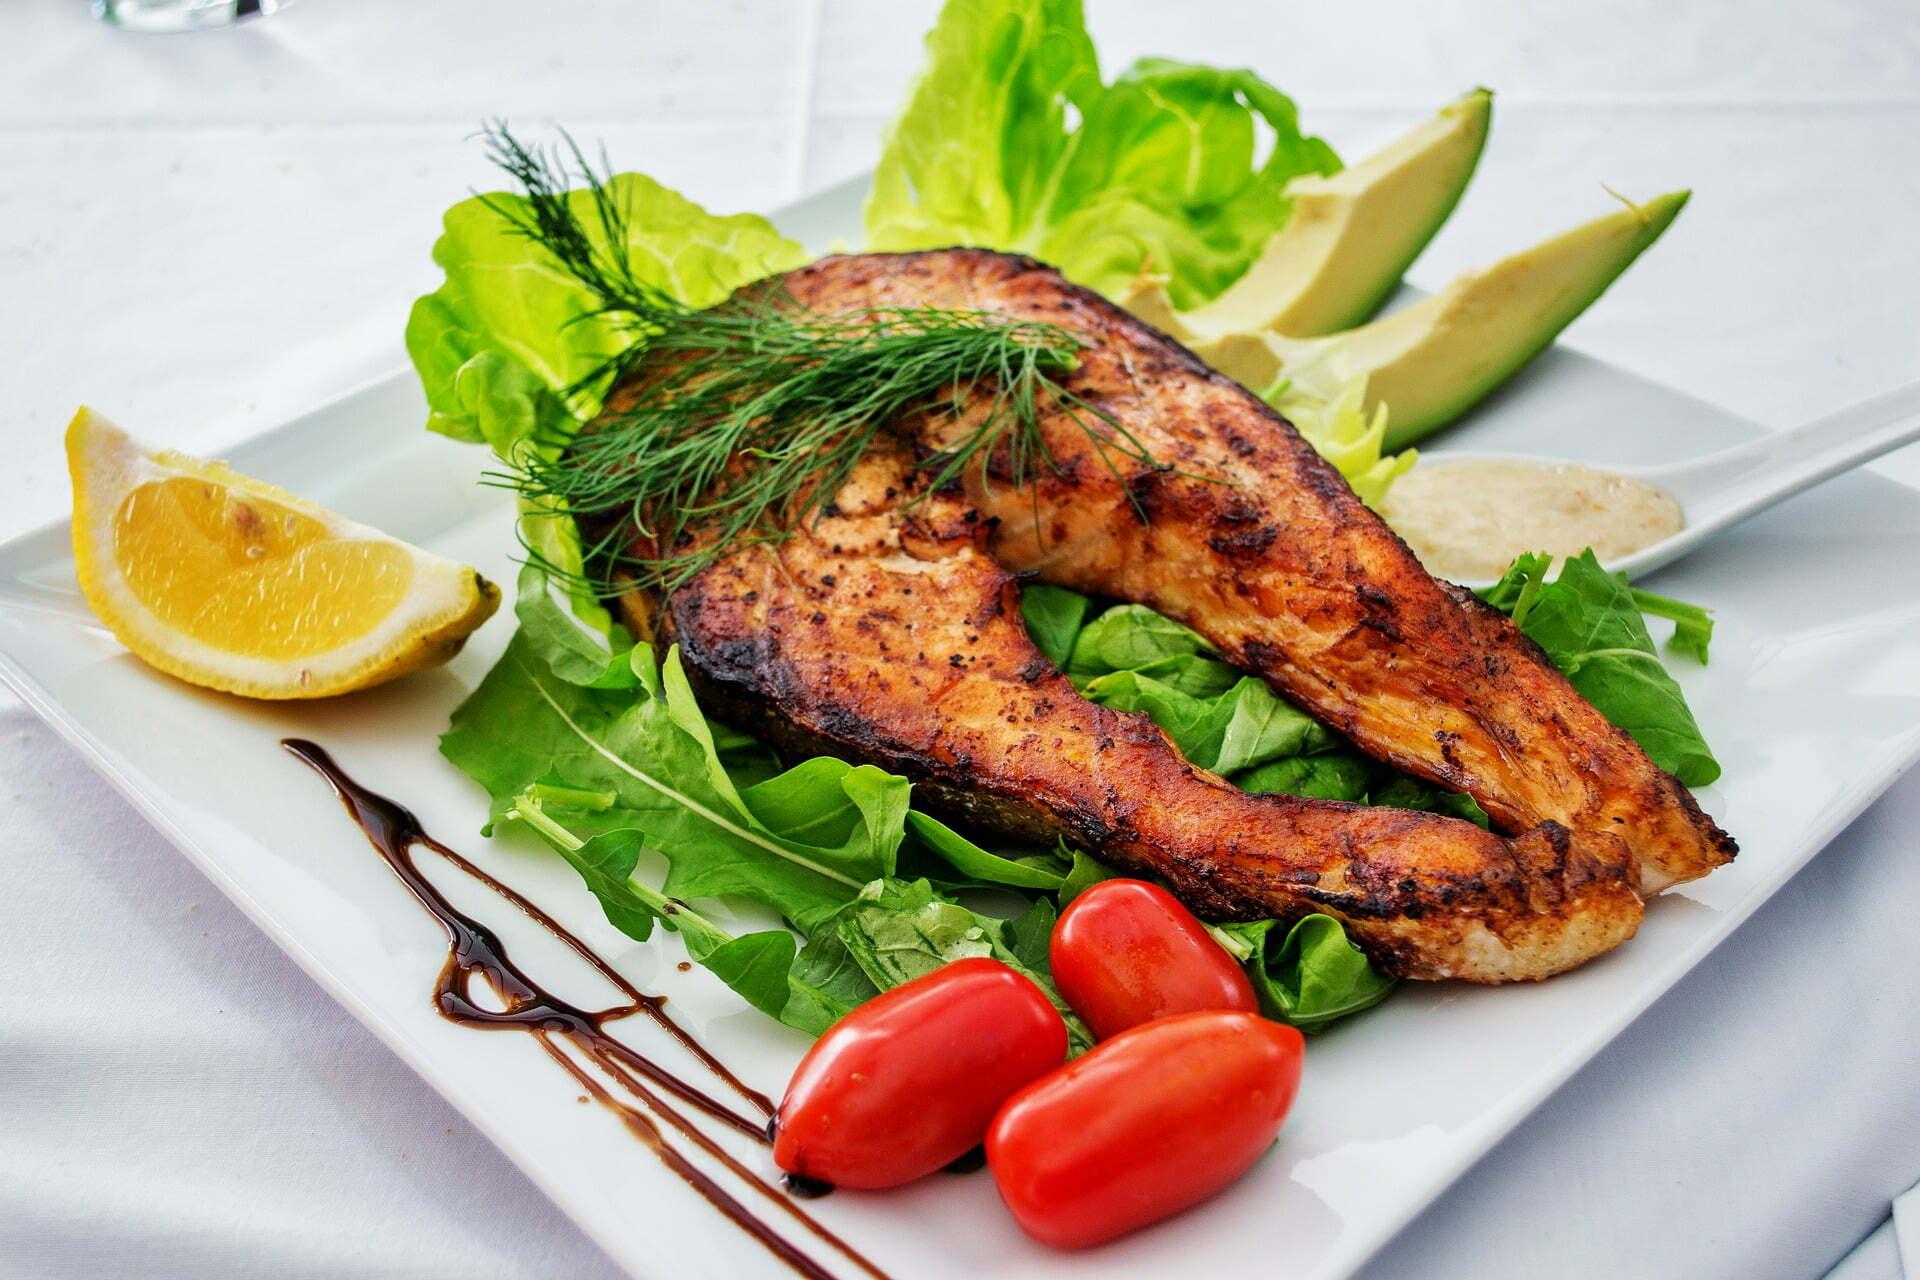 Gegrillter Lachs-Steak auf Salatbett mit selbstgemachtem Tartar-Dip